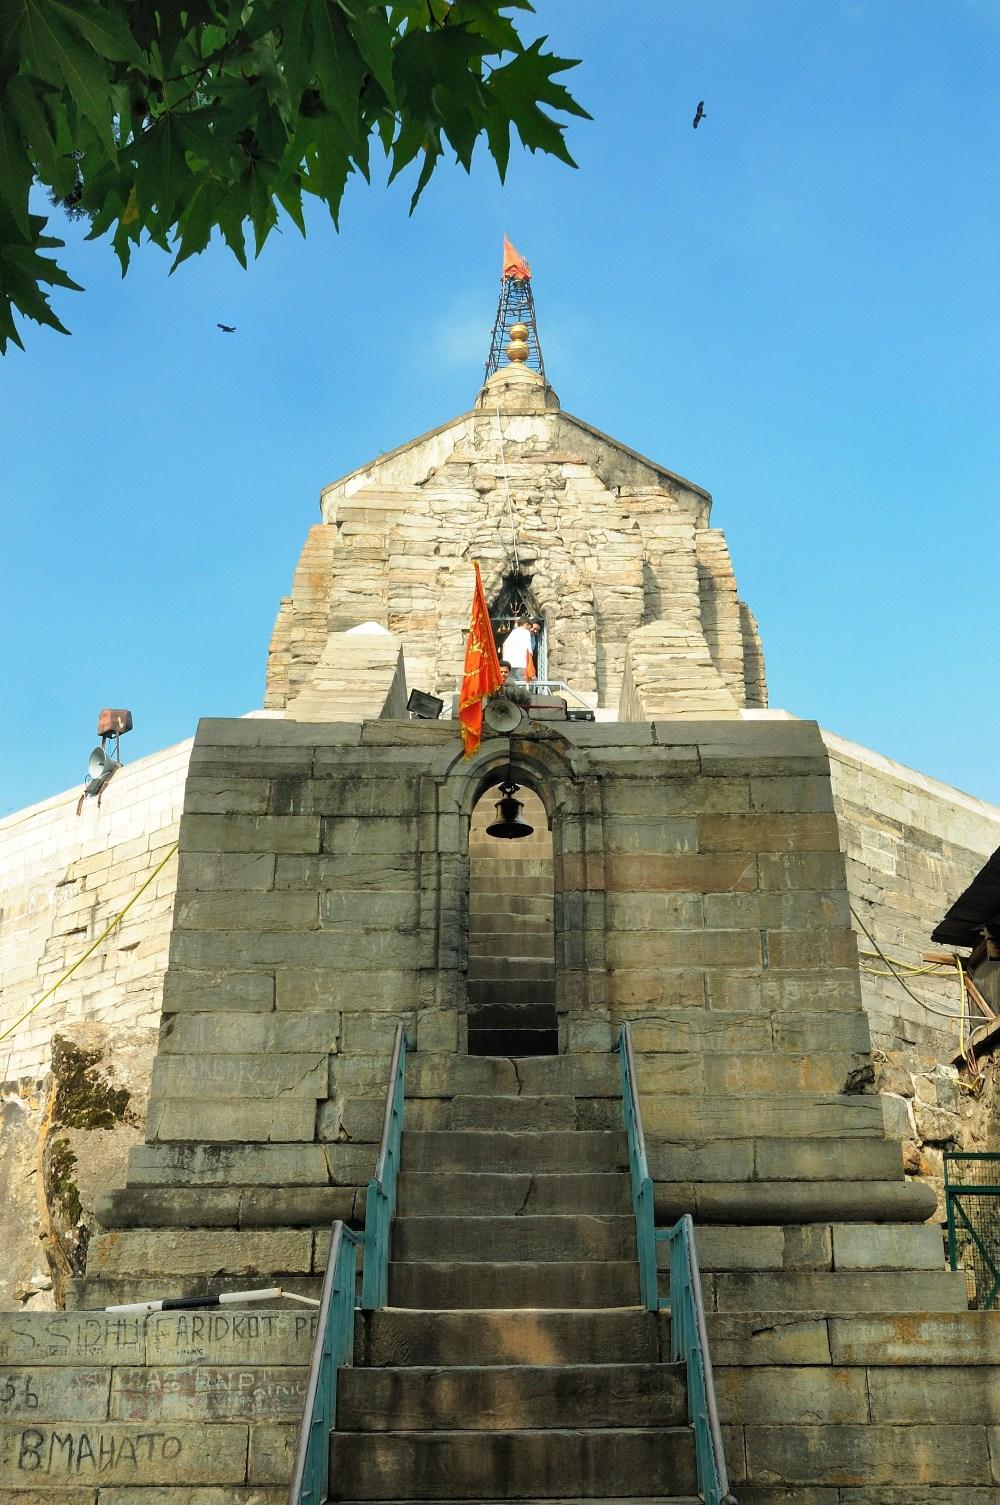 Shankaracharya Temple, Srinagar, Jammu & Kashmir, India